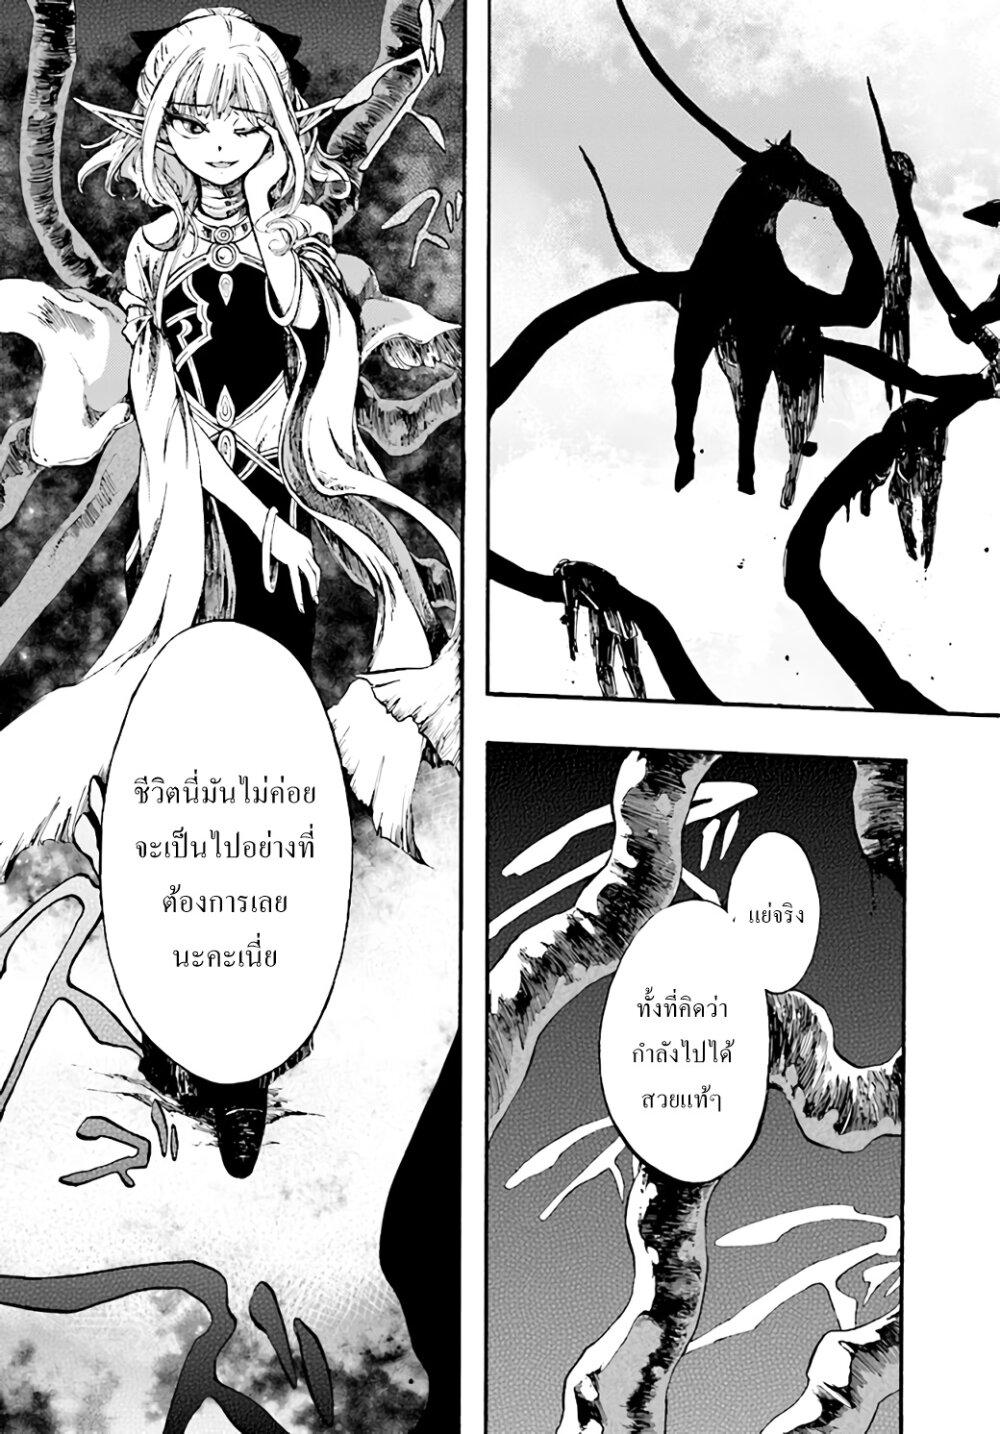 อ่านการ์ตูน Isekai Apocalypse MYNOGHRA ~The Conquest of the World Starts With the Civilization of Ruin~ ตอนที่ 7 หน้าที่ 20